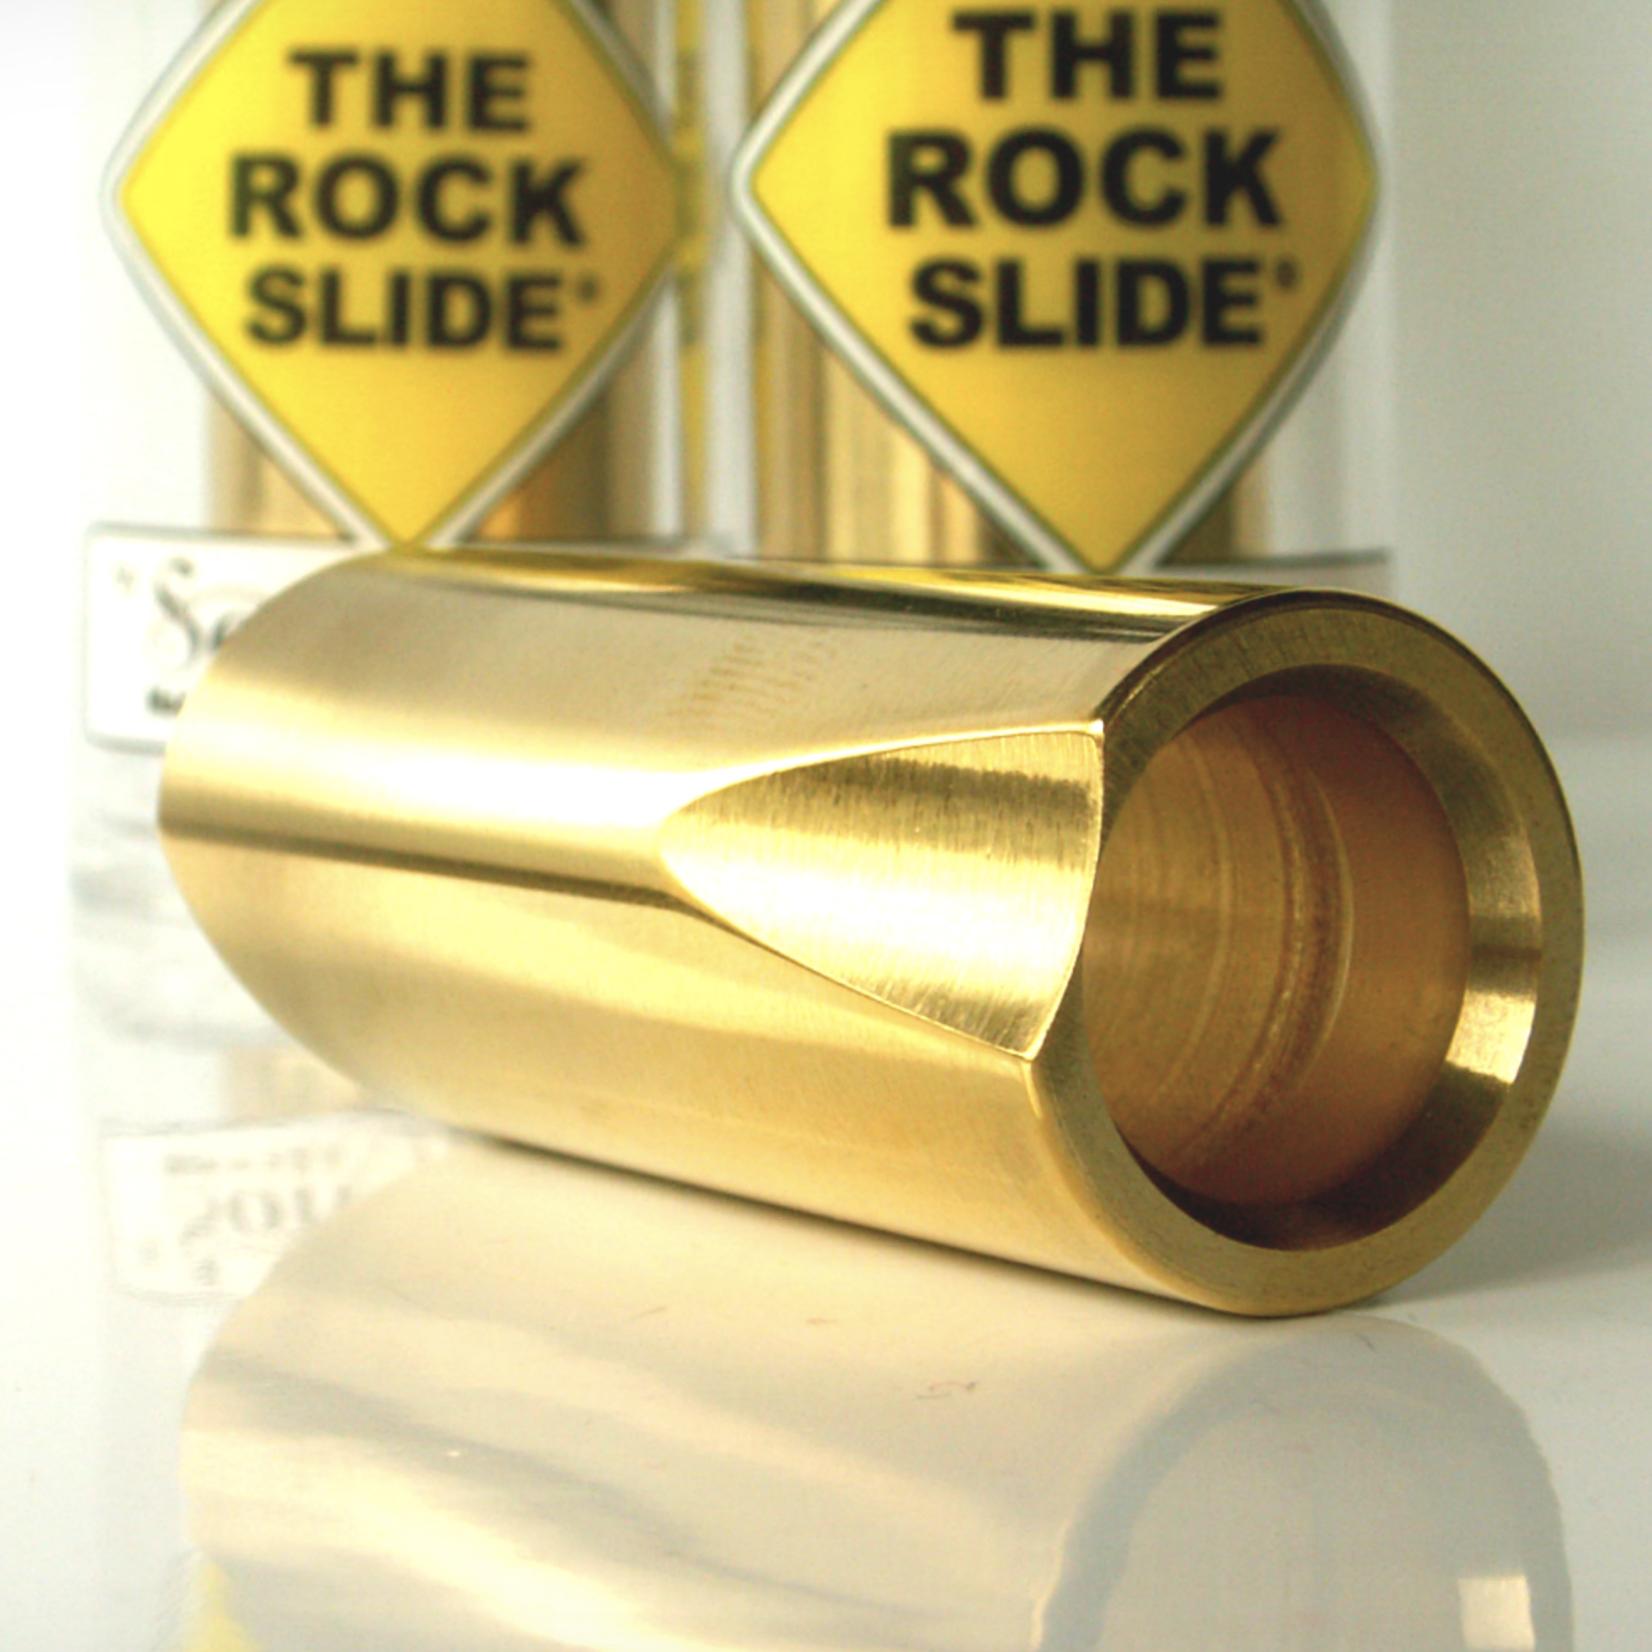 The Rock Slide The Rock Slide Polished Brass Guitar Slide - Medium - 19.5mm x 58mm - Ring Size 8-10.5